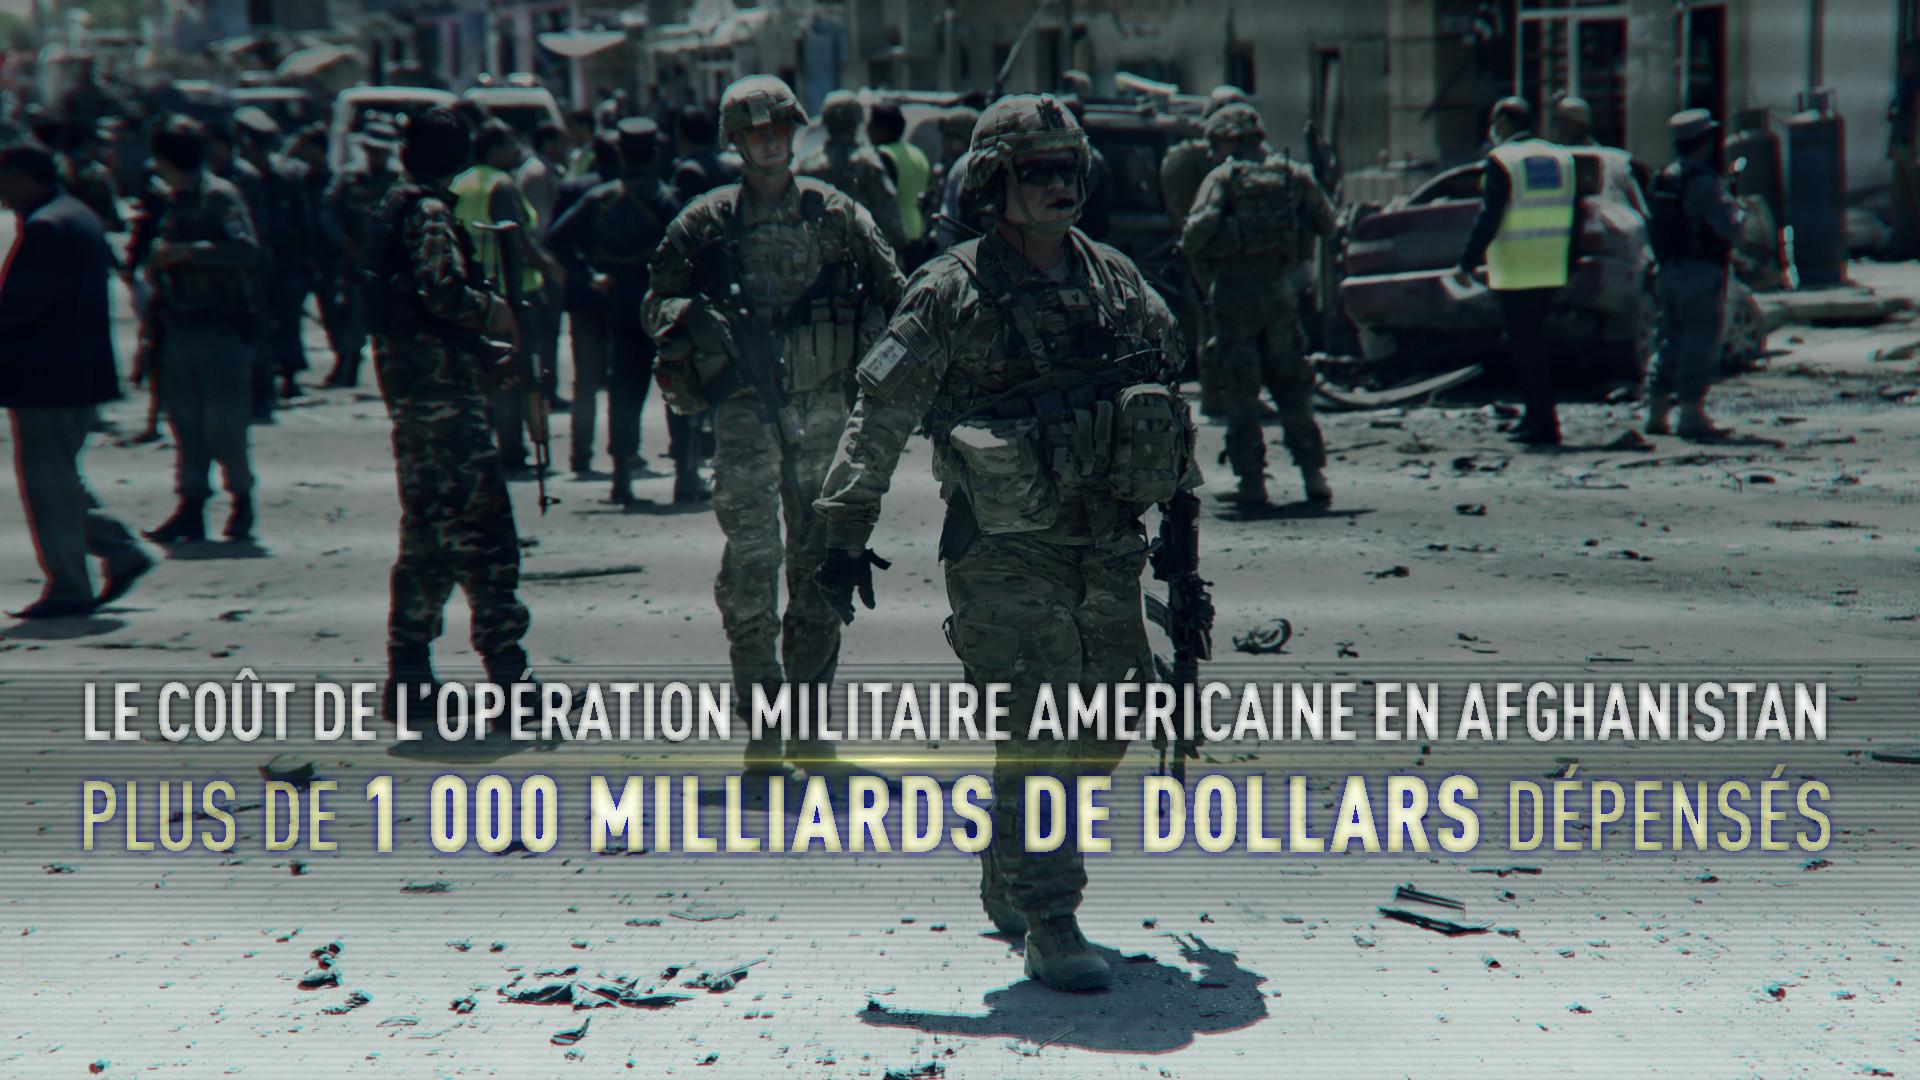 Obama confirme le maintien de 5 500 militaires américains en Afghanistan après la fin de son mandat